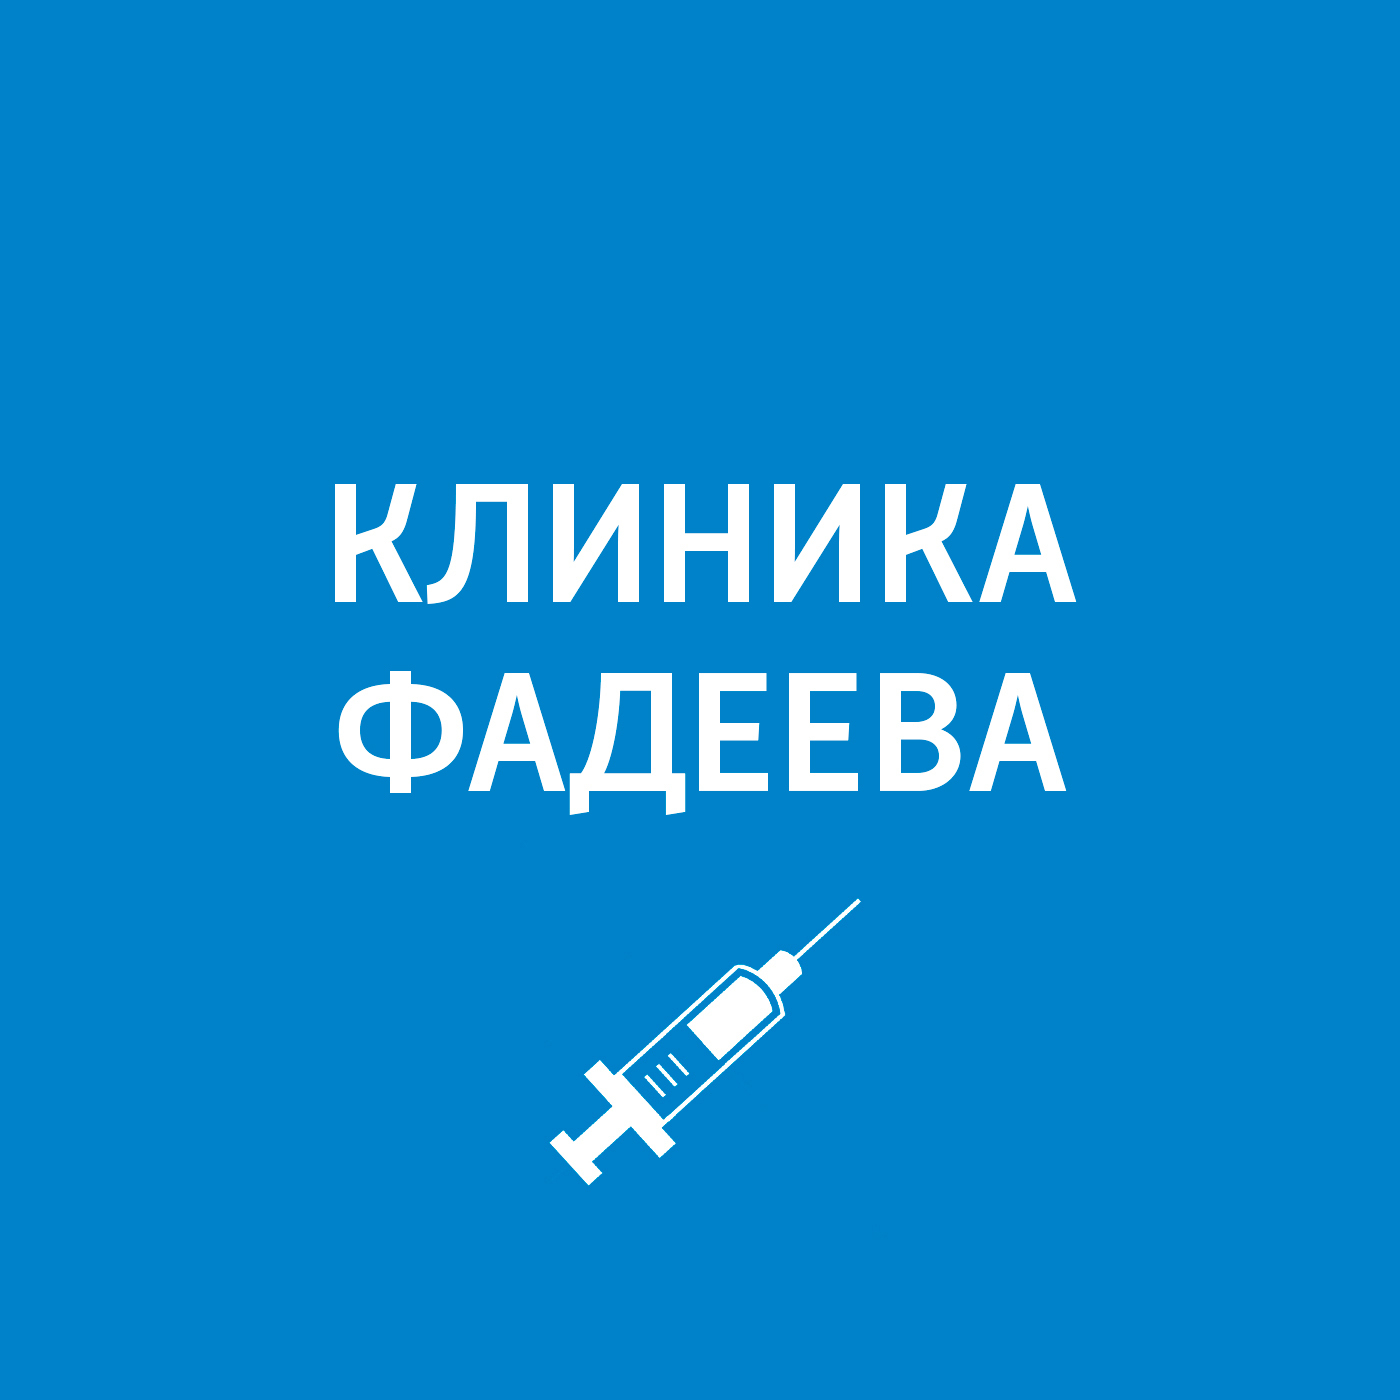 Пётр Фадеев Врач-офтальмолог цена 2017